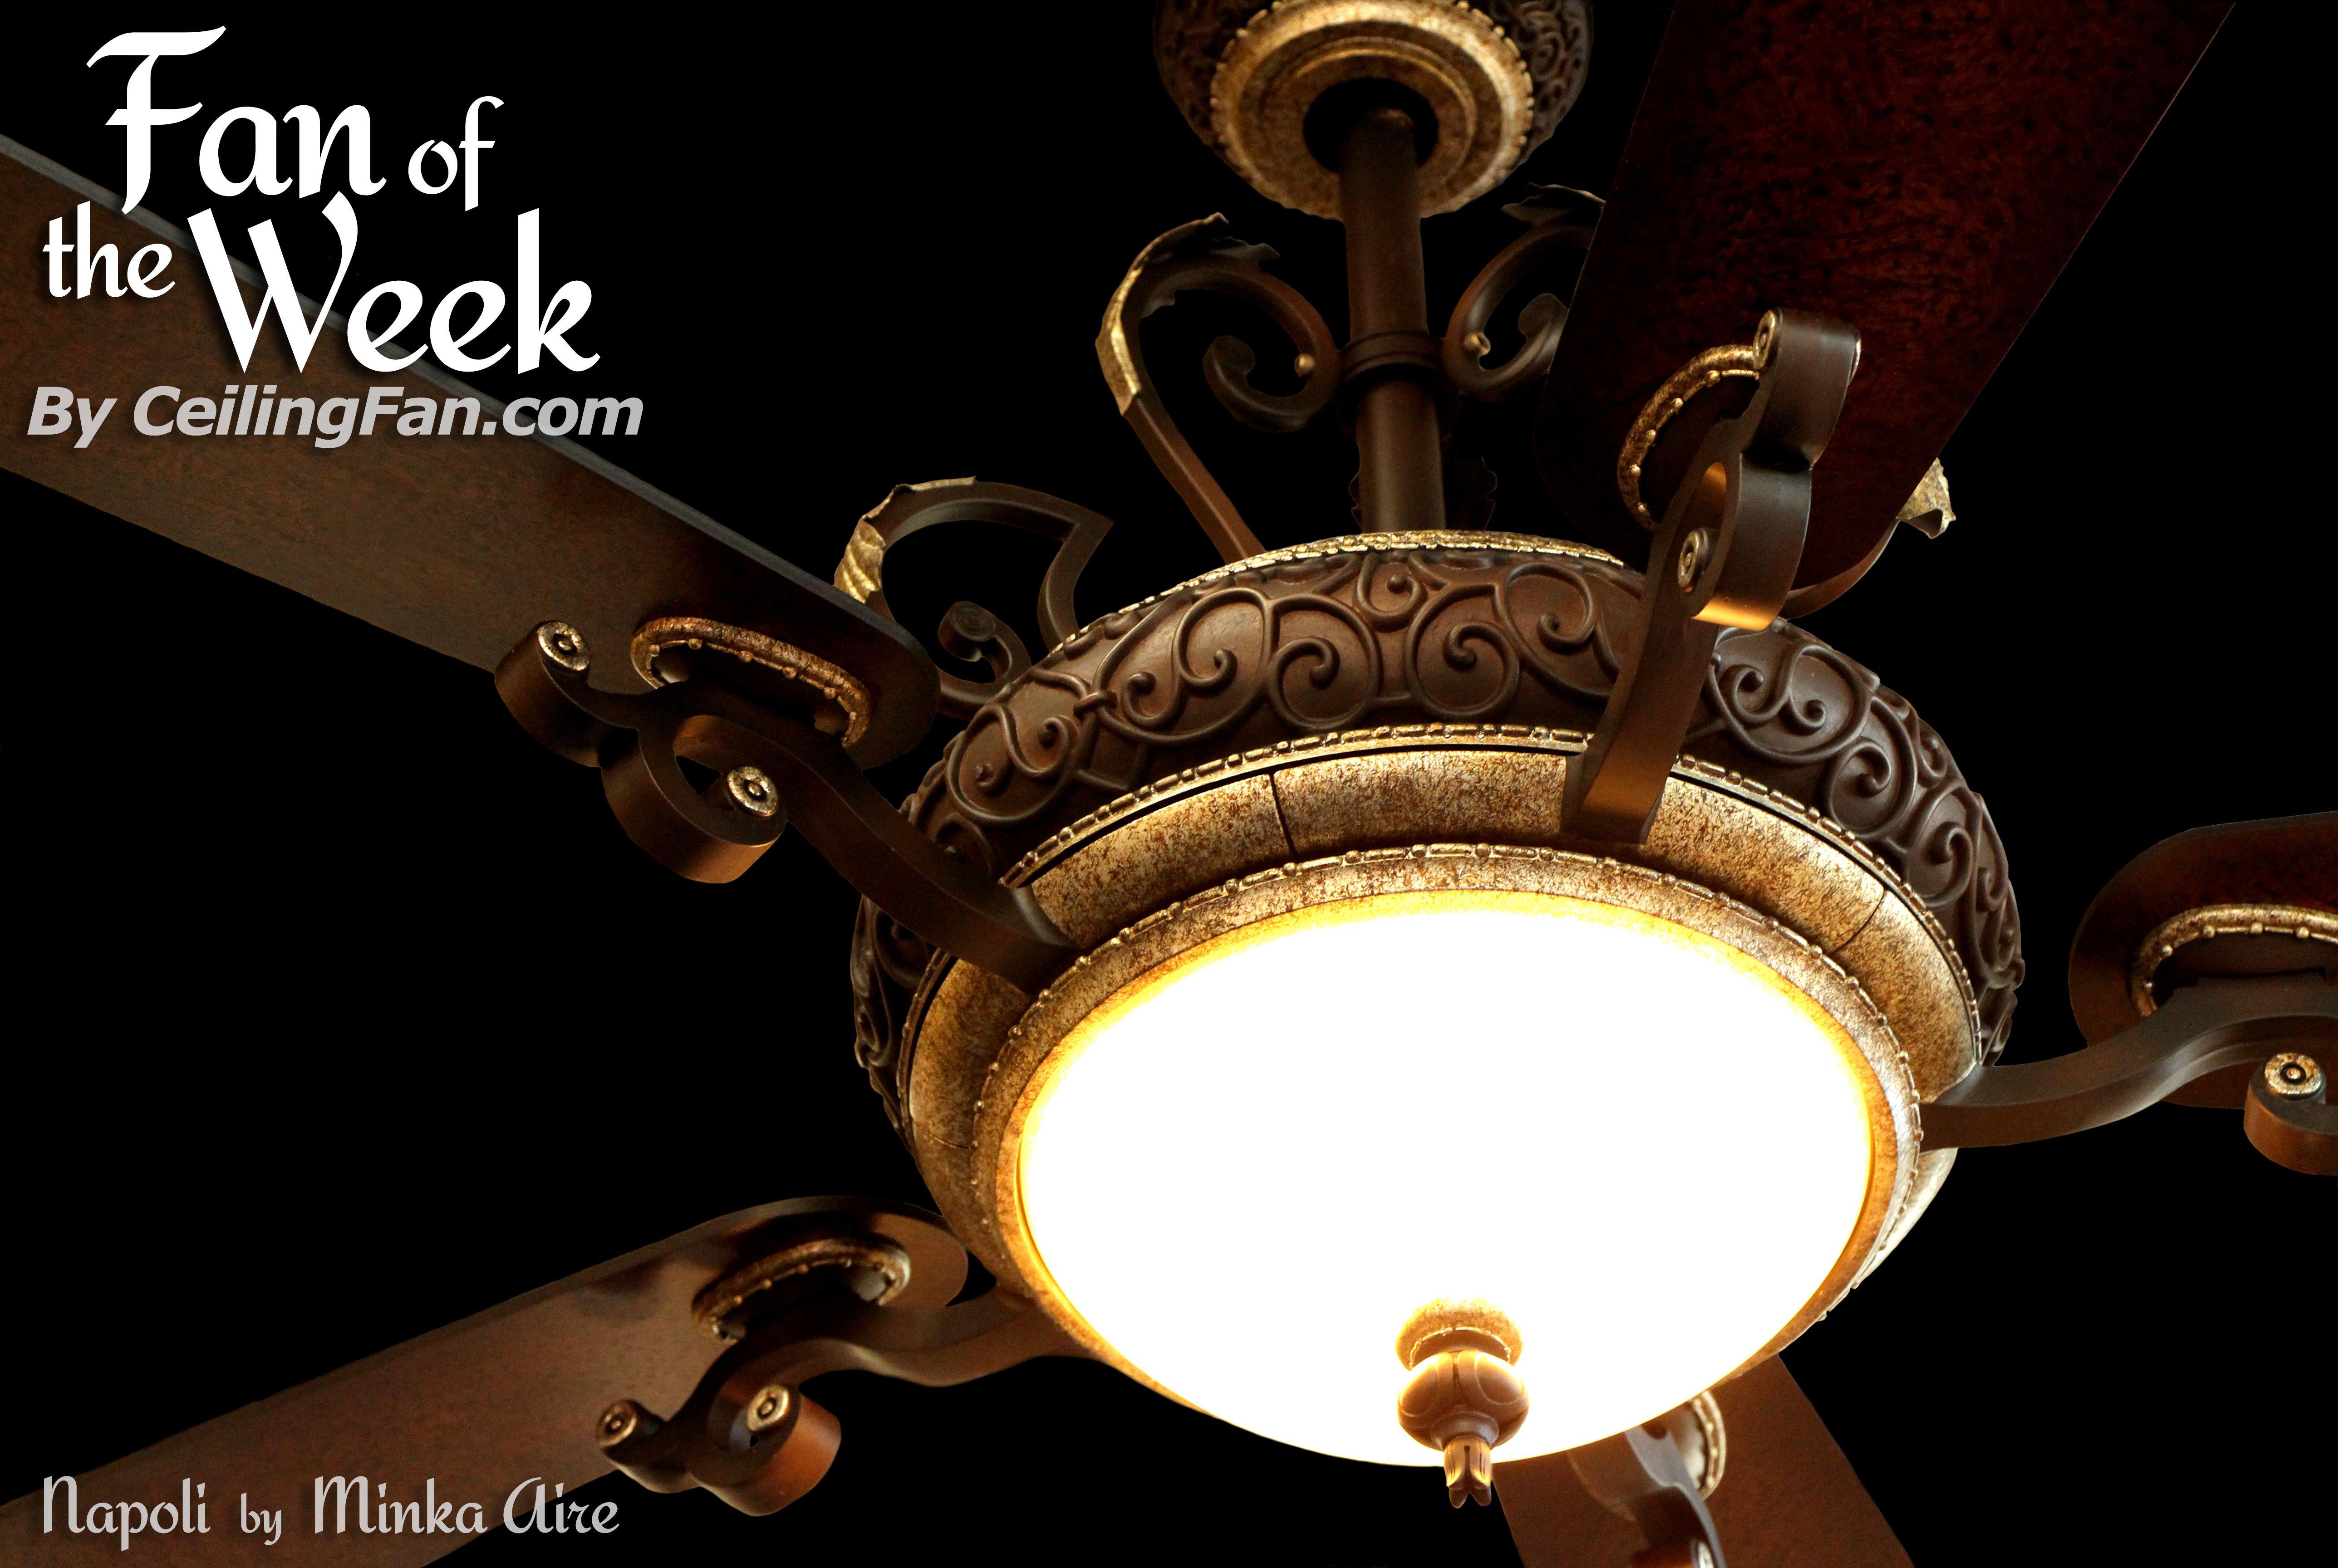 Pin By Ceilingfan Com On Ceiling Fan Of The Week Home Decor Ceiling Fan Ceiling Lights